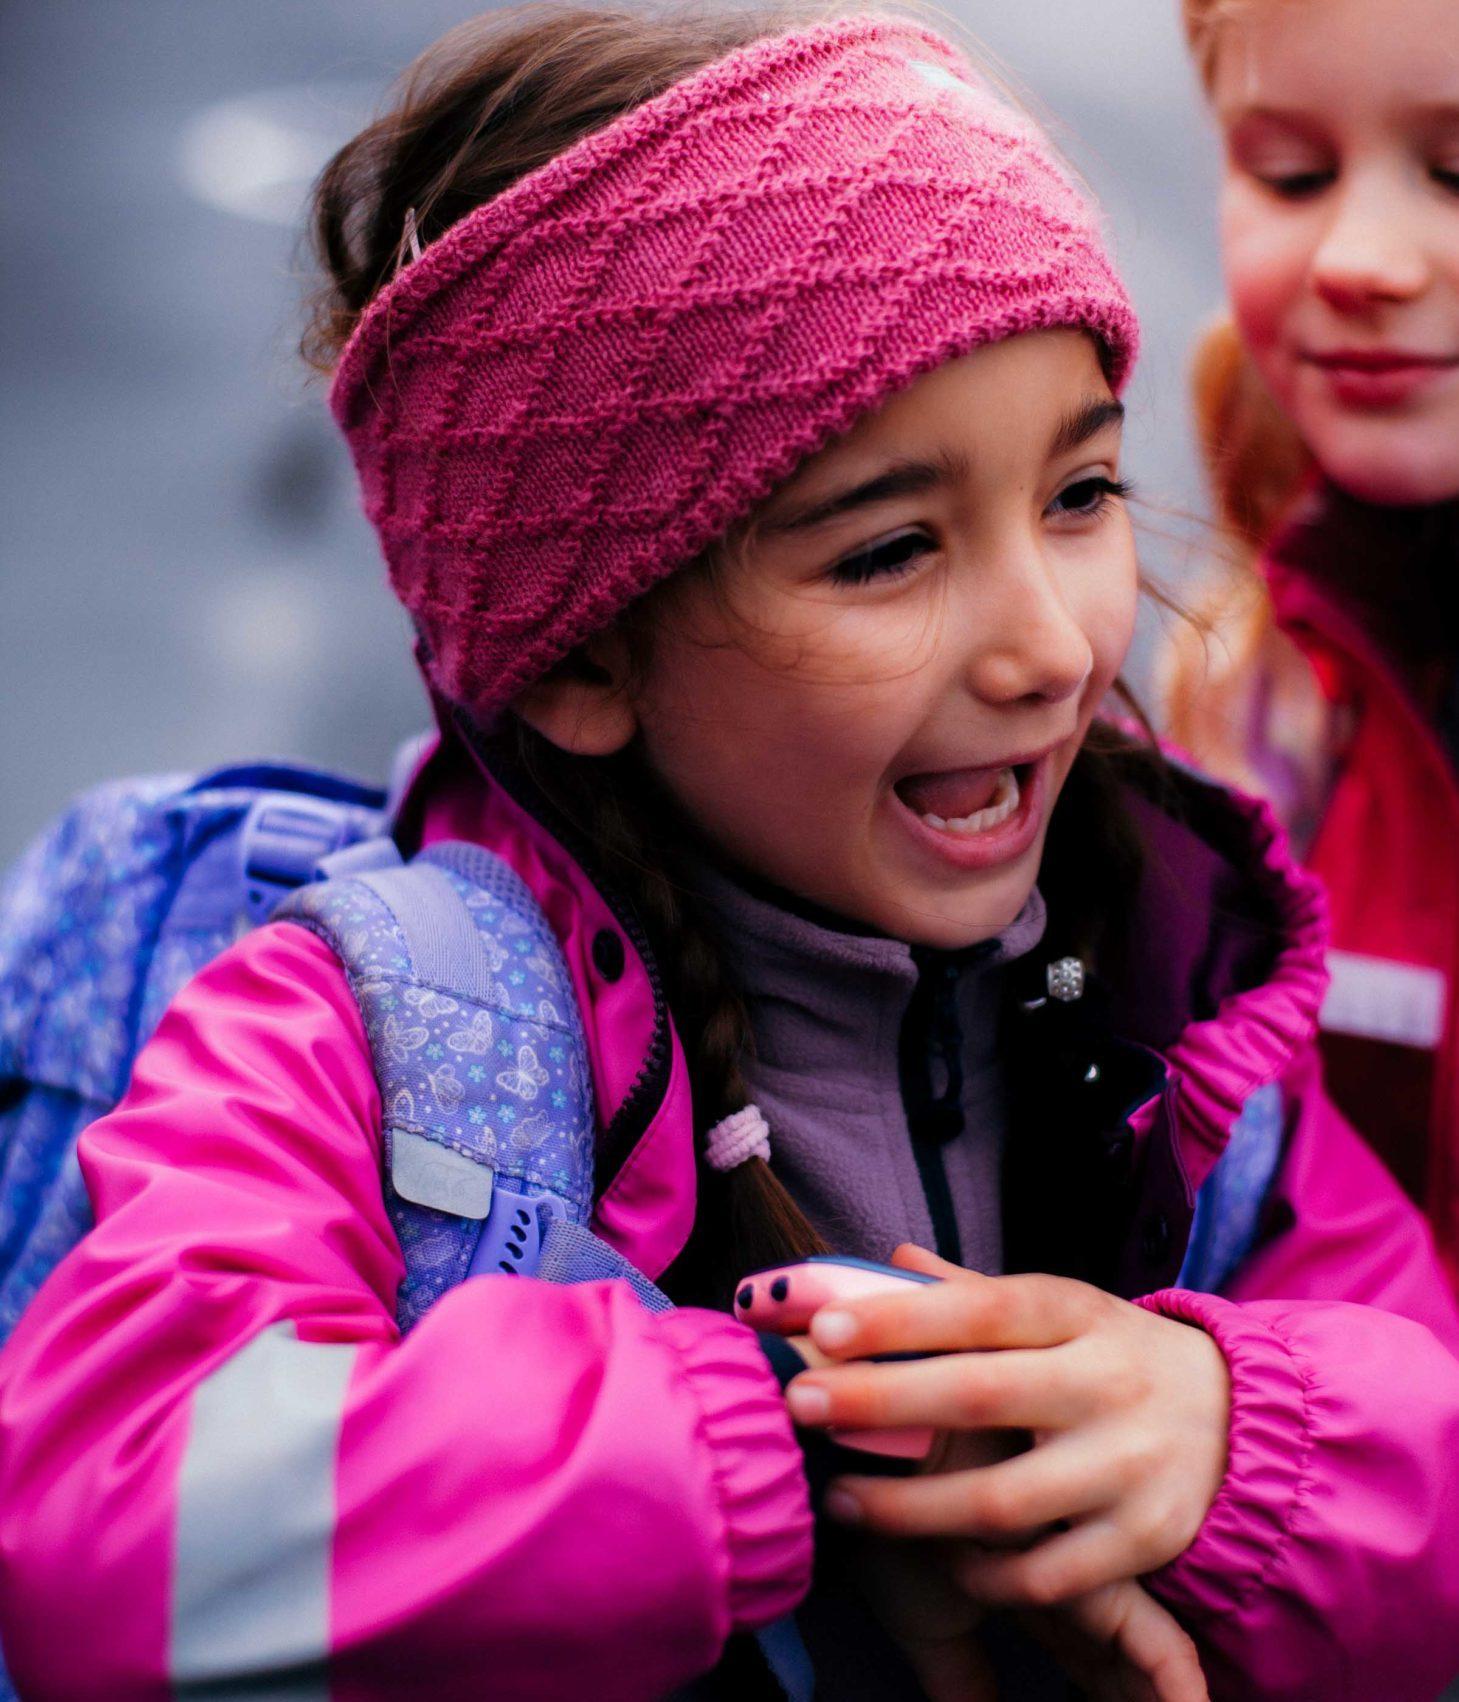 Xplora puhelin koulussa – ilman häiriötä